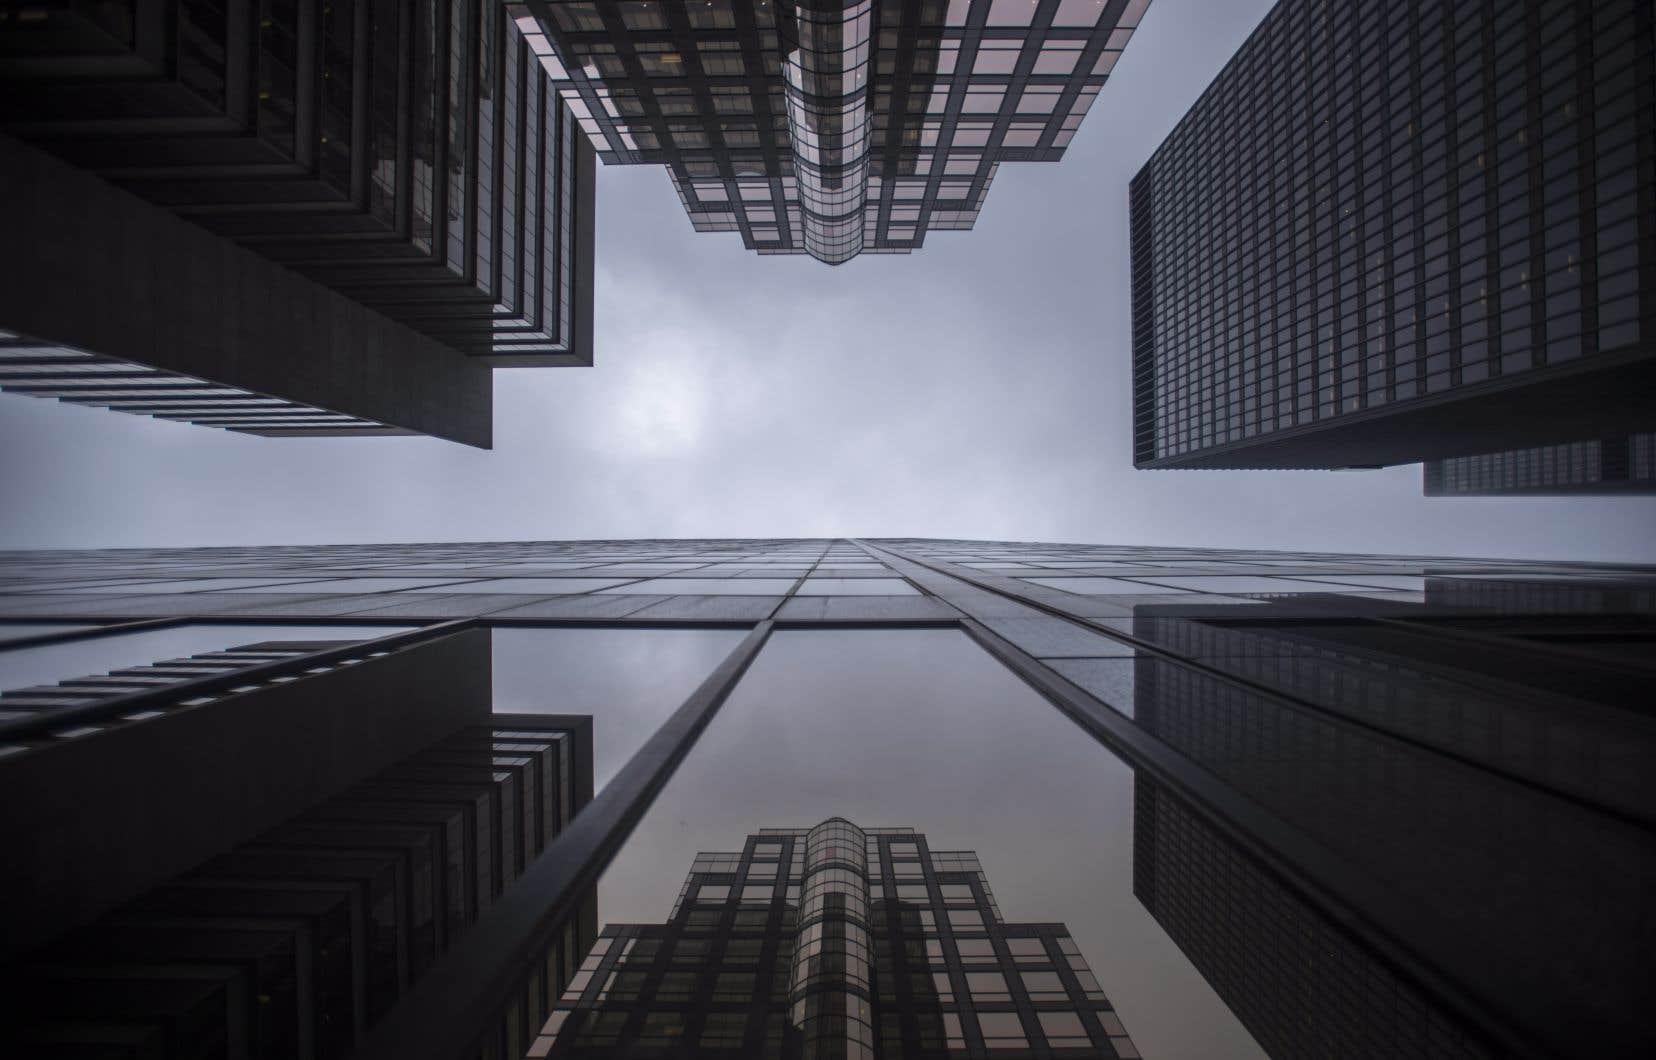 «Au cours des 40 dernières années, le modèle de société maximisant la création de valeur pour leurs actionnaires fut critiqué, décrié, tenu responsable des inégalités de revenus et de richesse et des dommages environnementaux», écrivent les auteurs.